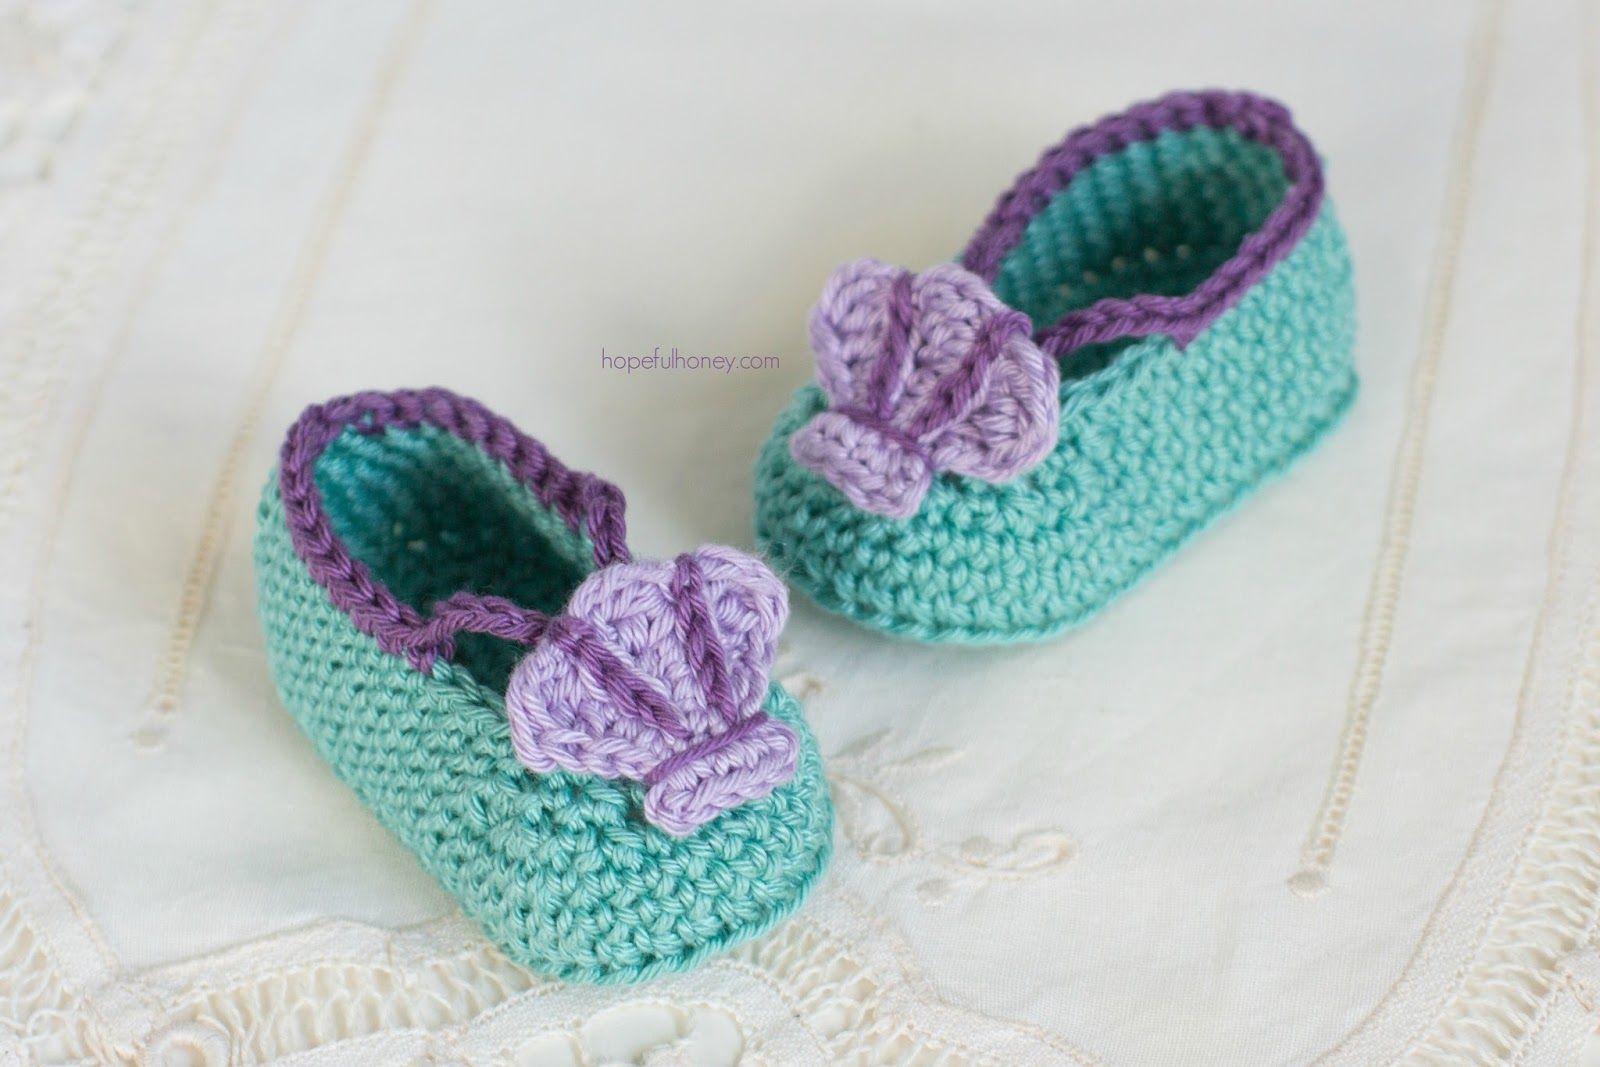 Mermaid Baby Booties - Free Crochet Pattern   Pinterest   Baby ...